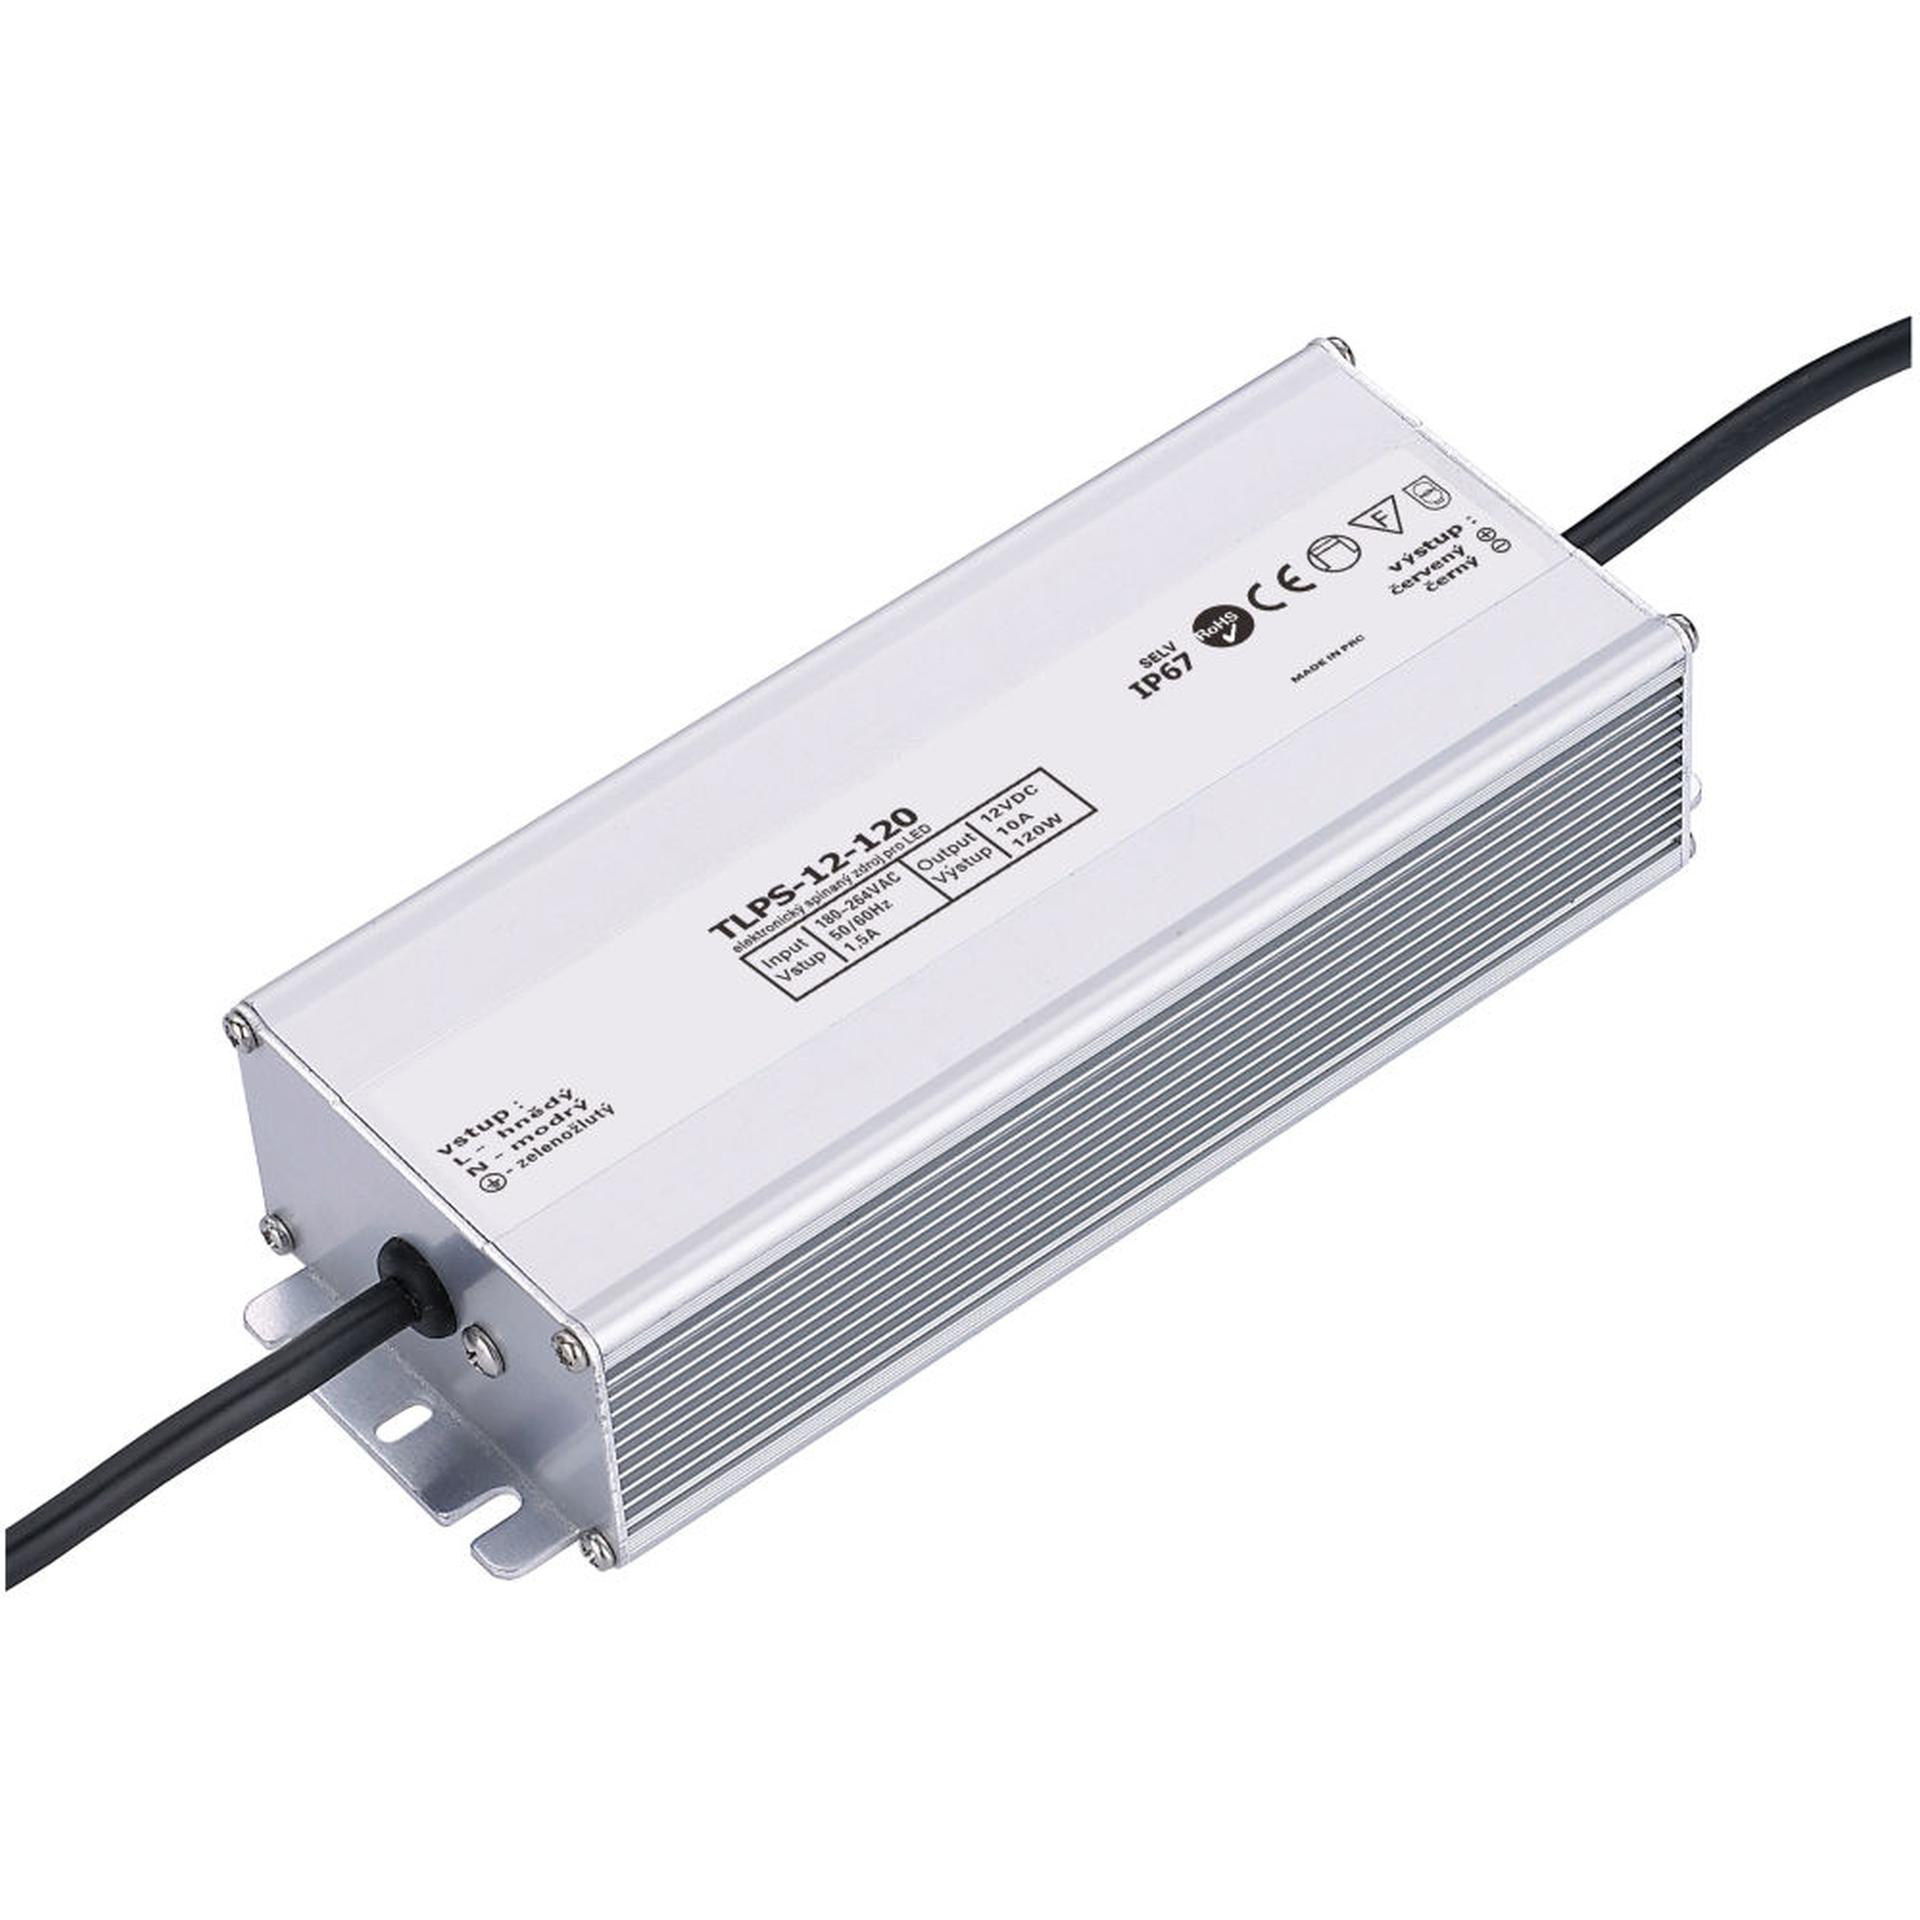 T-LED LED zdroj (trafo) 12V 120W IP67